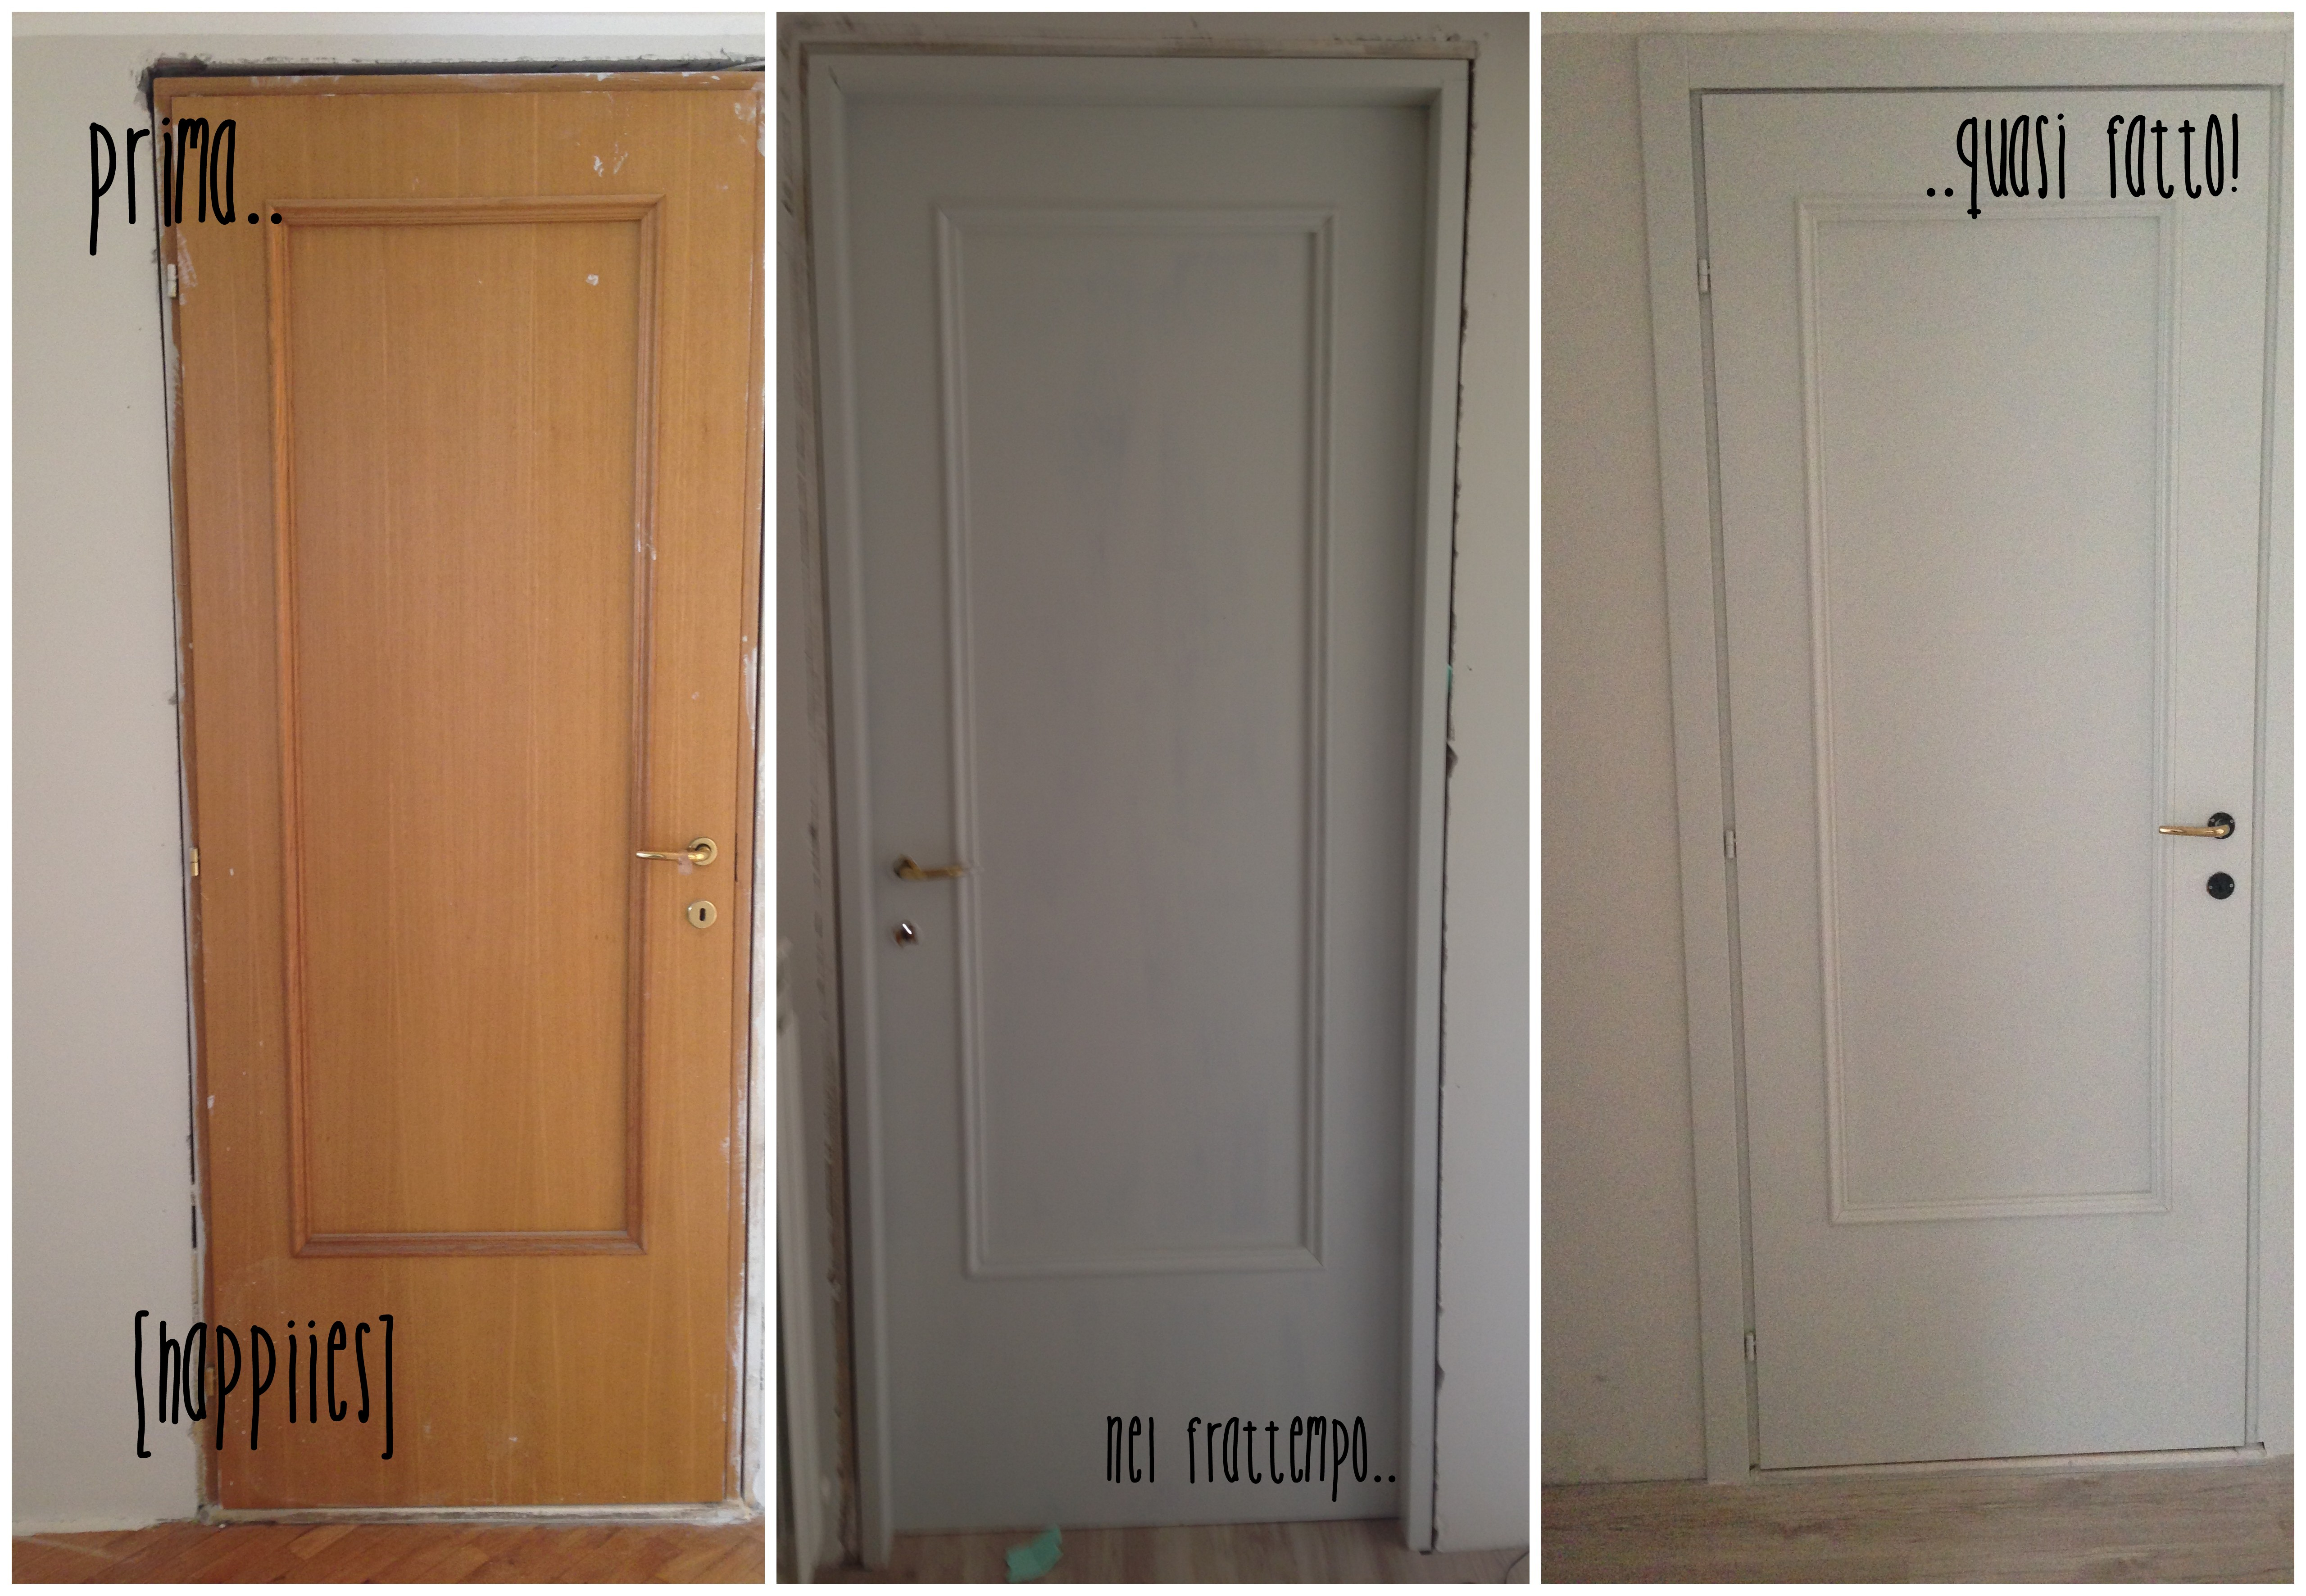 Rinnovare le vecchie porte di casa ridipingere le porte for Rinnovare casa idee